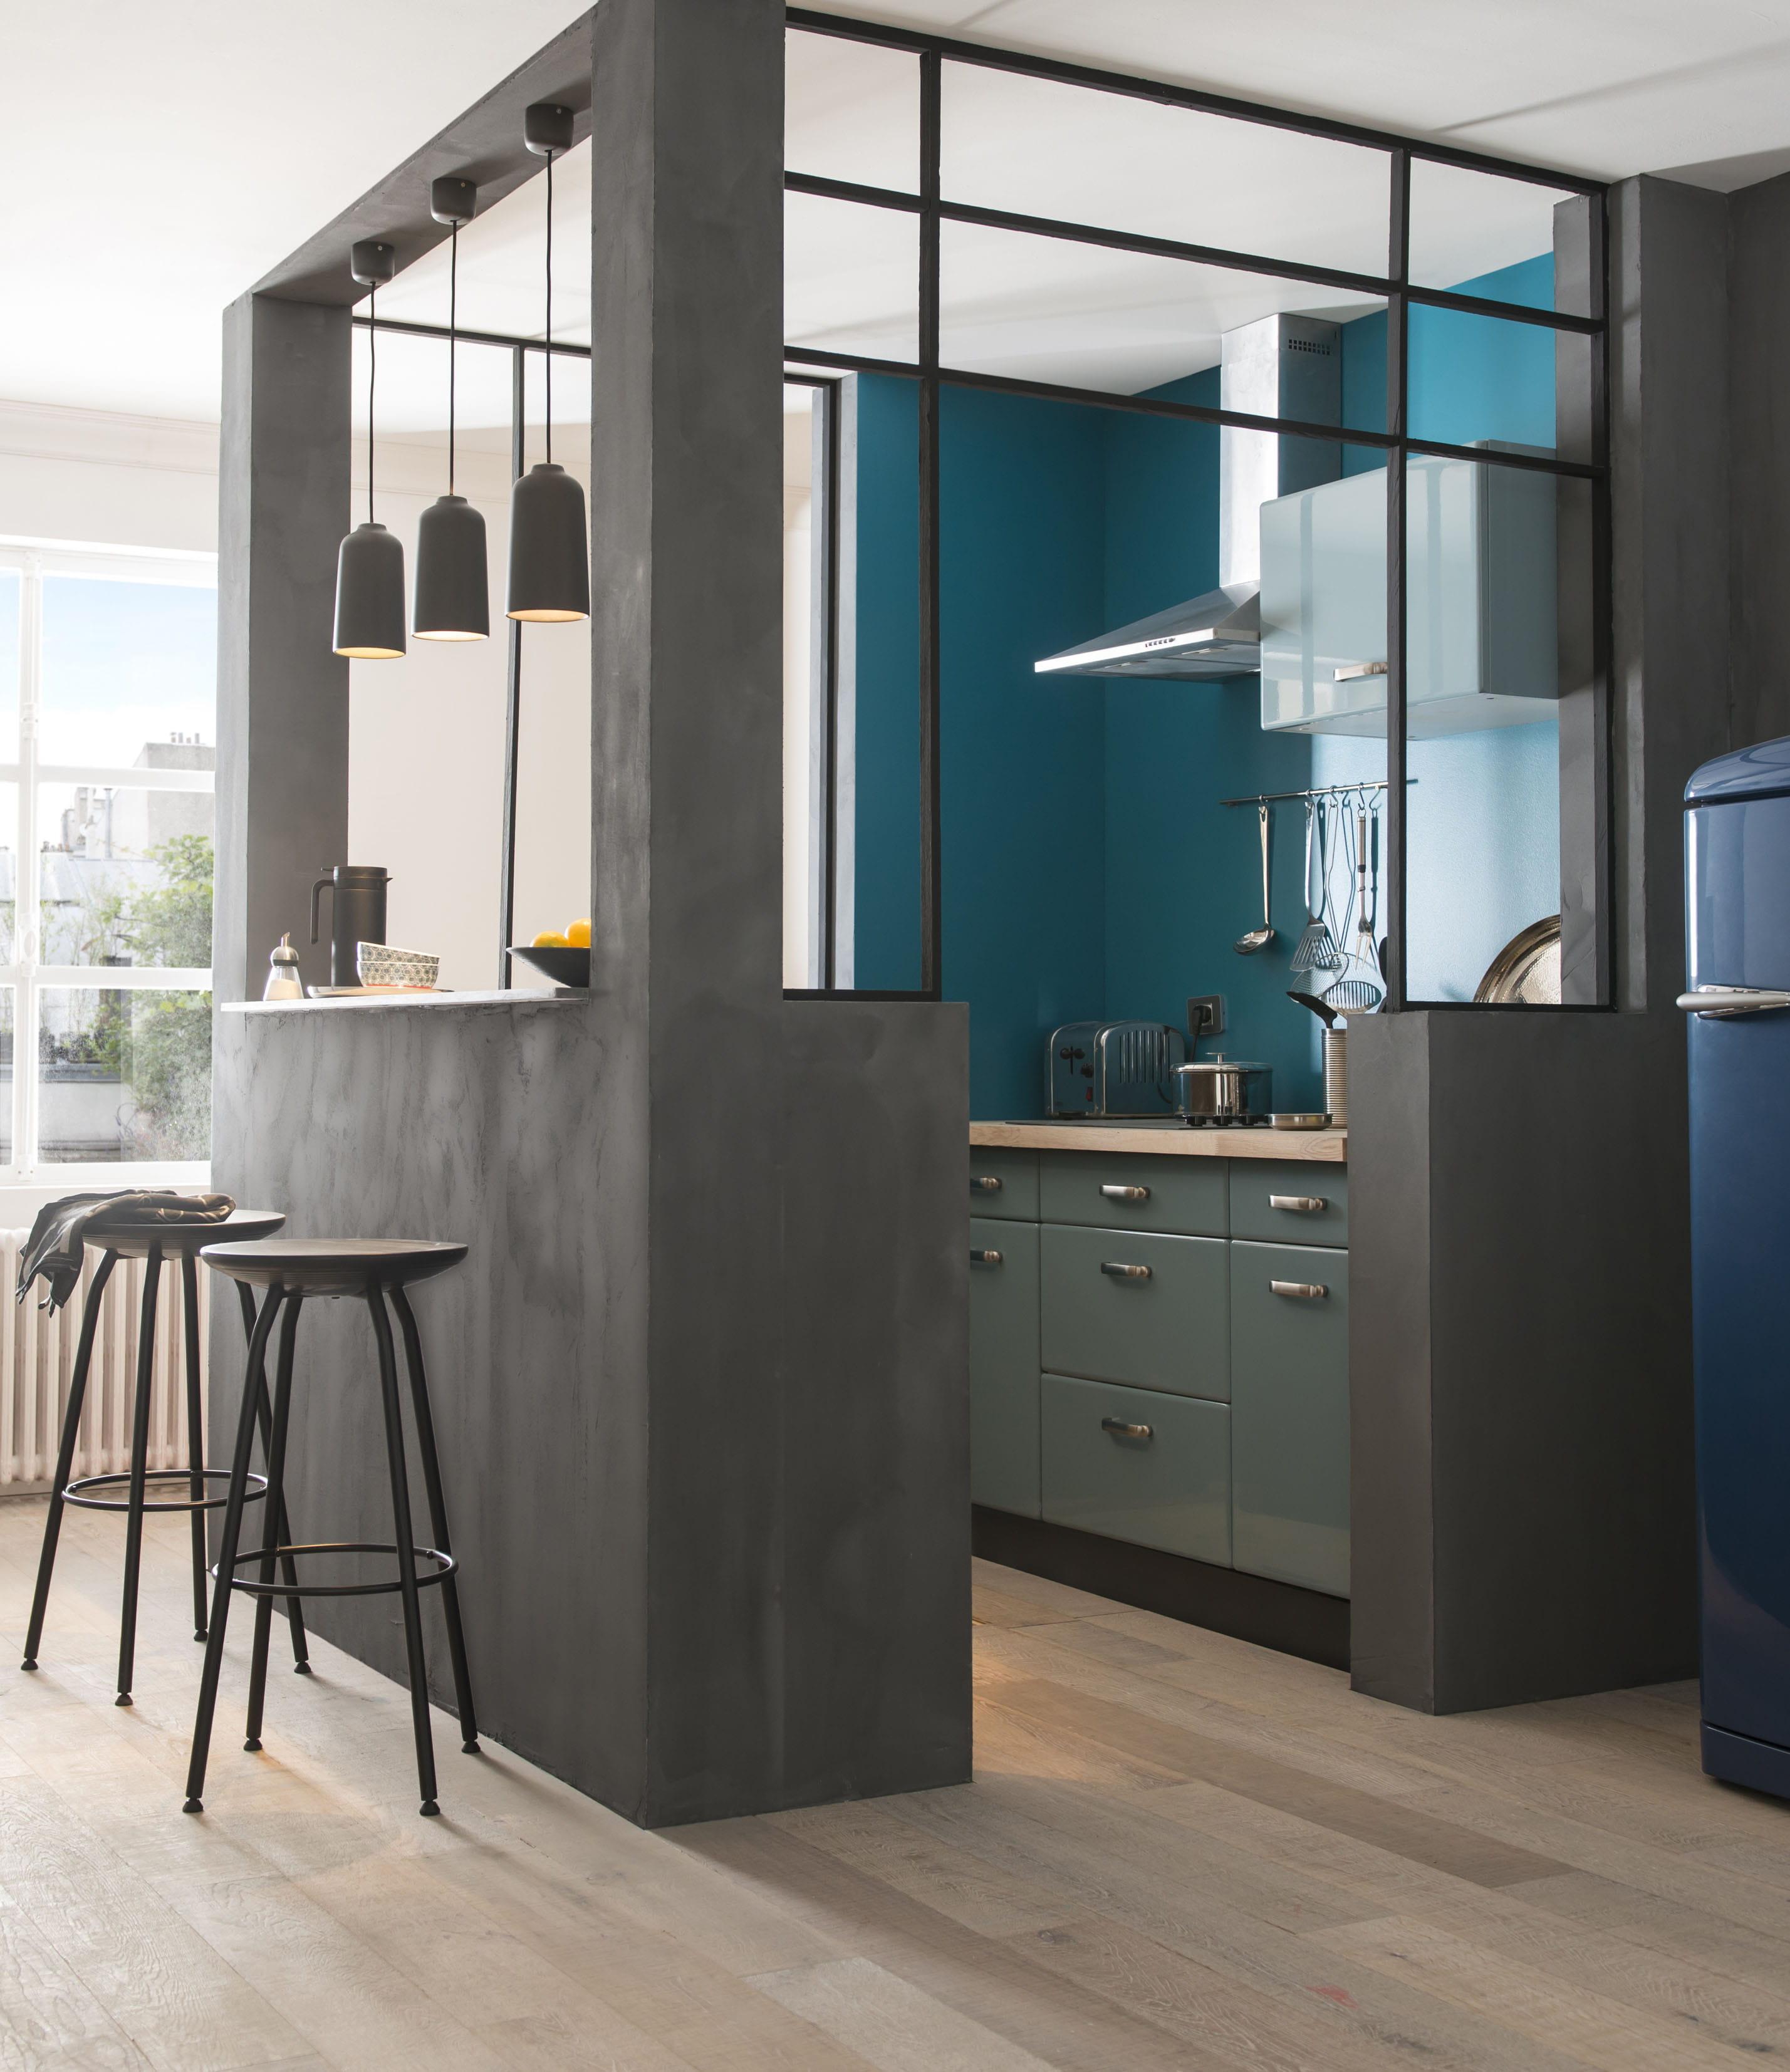 cuisine r tro sixties cooke lewis chez castorama des. Black Bedroom Furniture Sets. Home Design Ideas